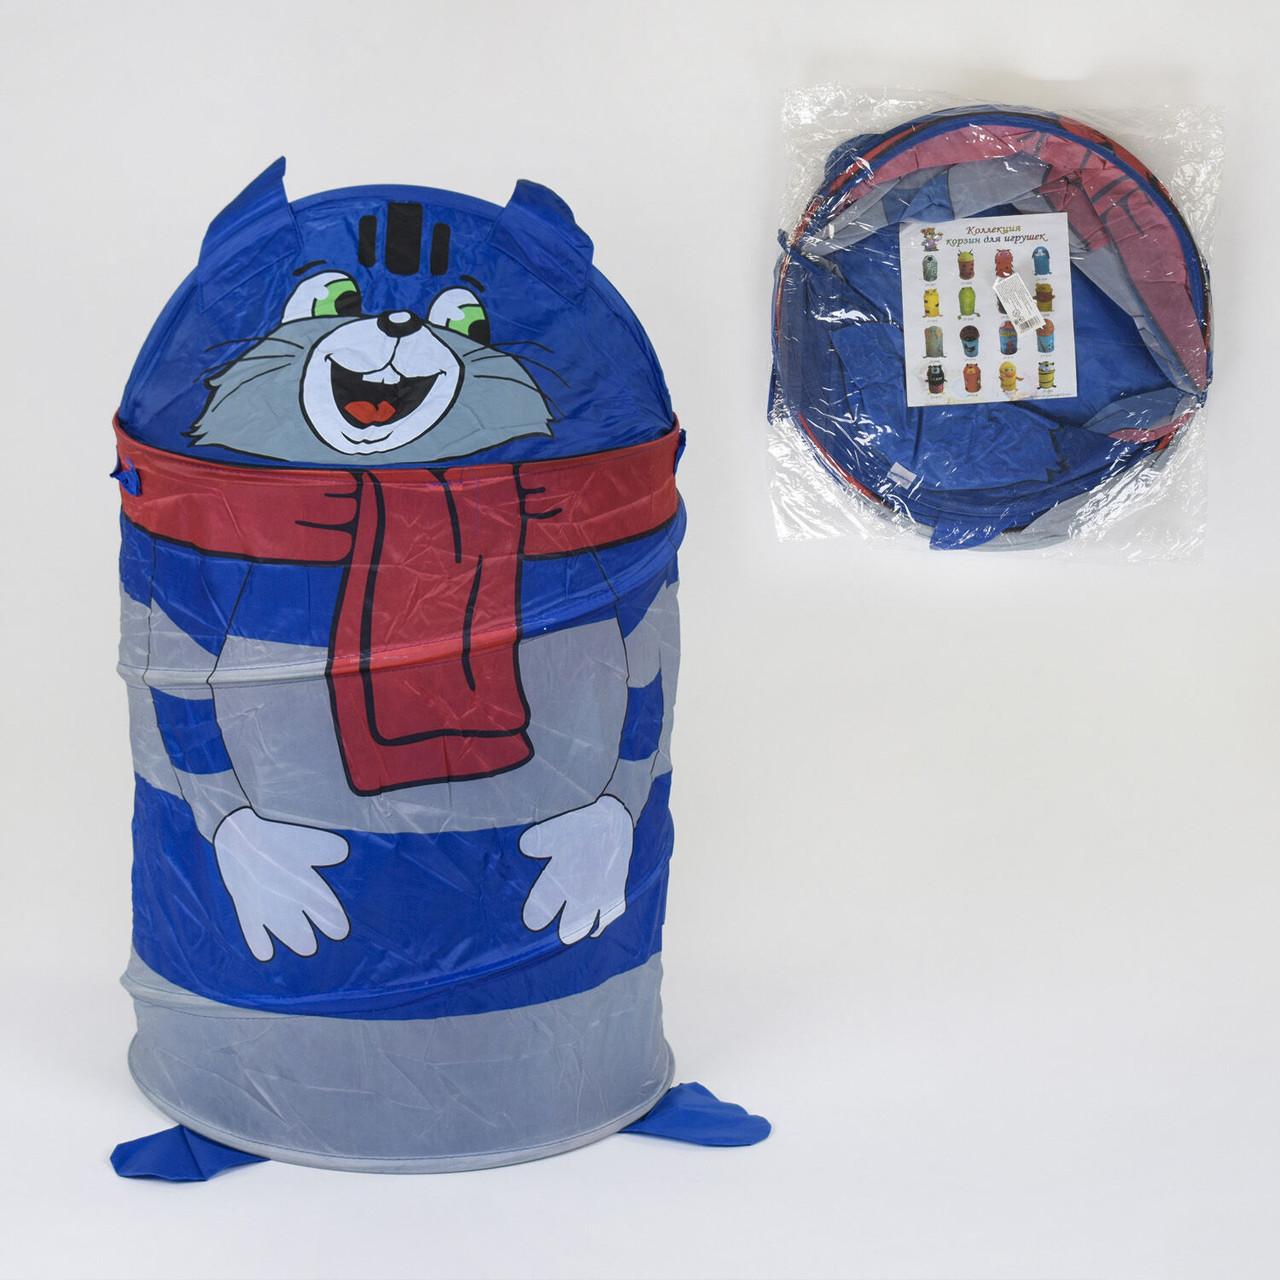 Корзина для игрушек Котик А 01170 42х65 см В кульке Гарантия качества Быстрая доставка